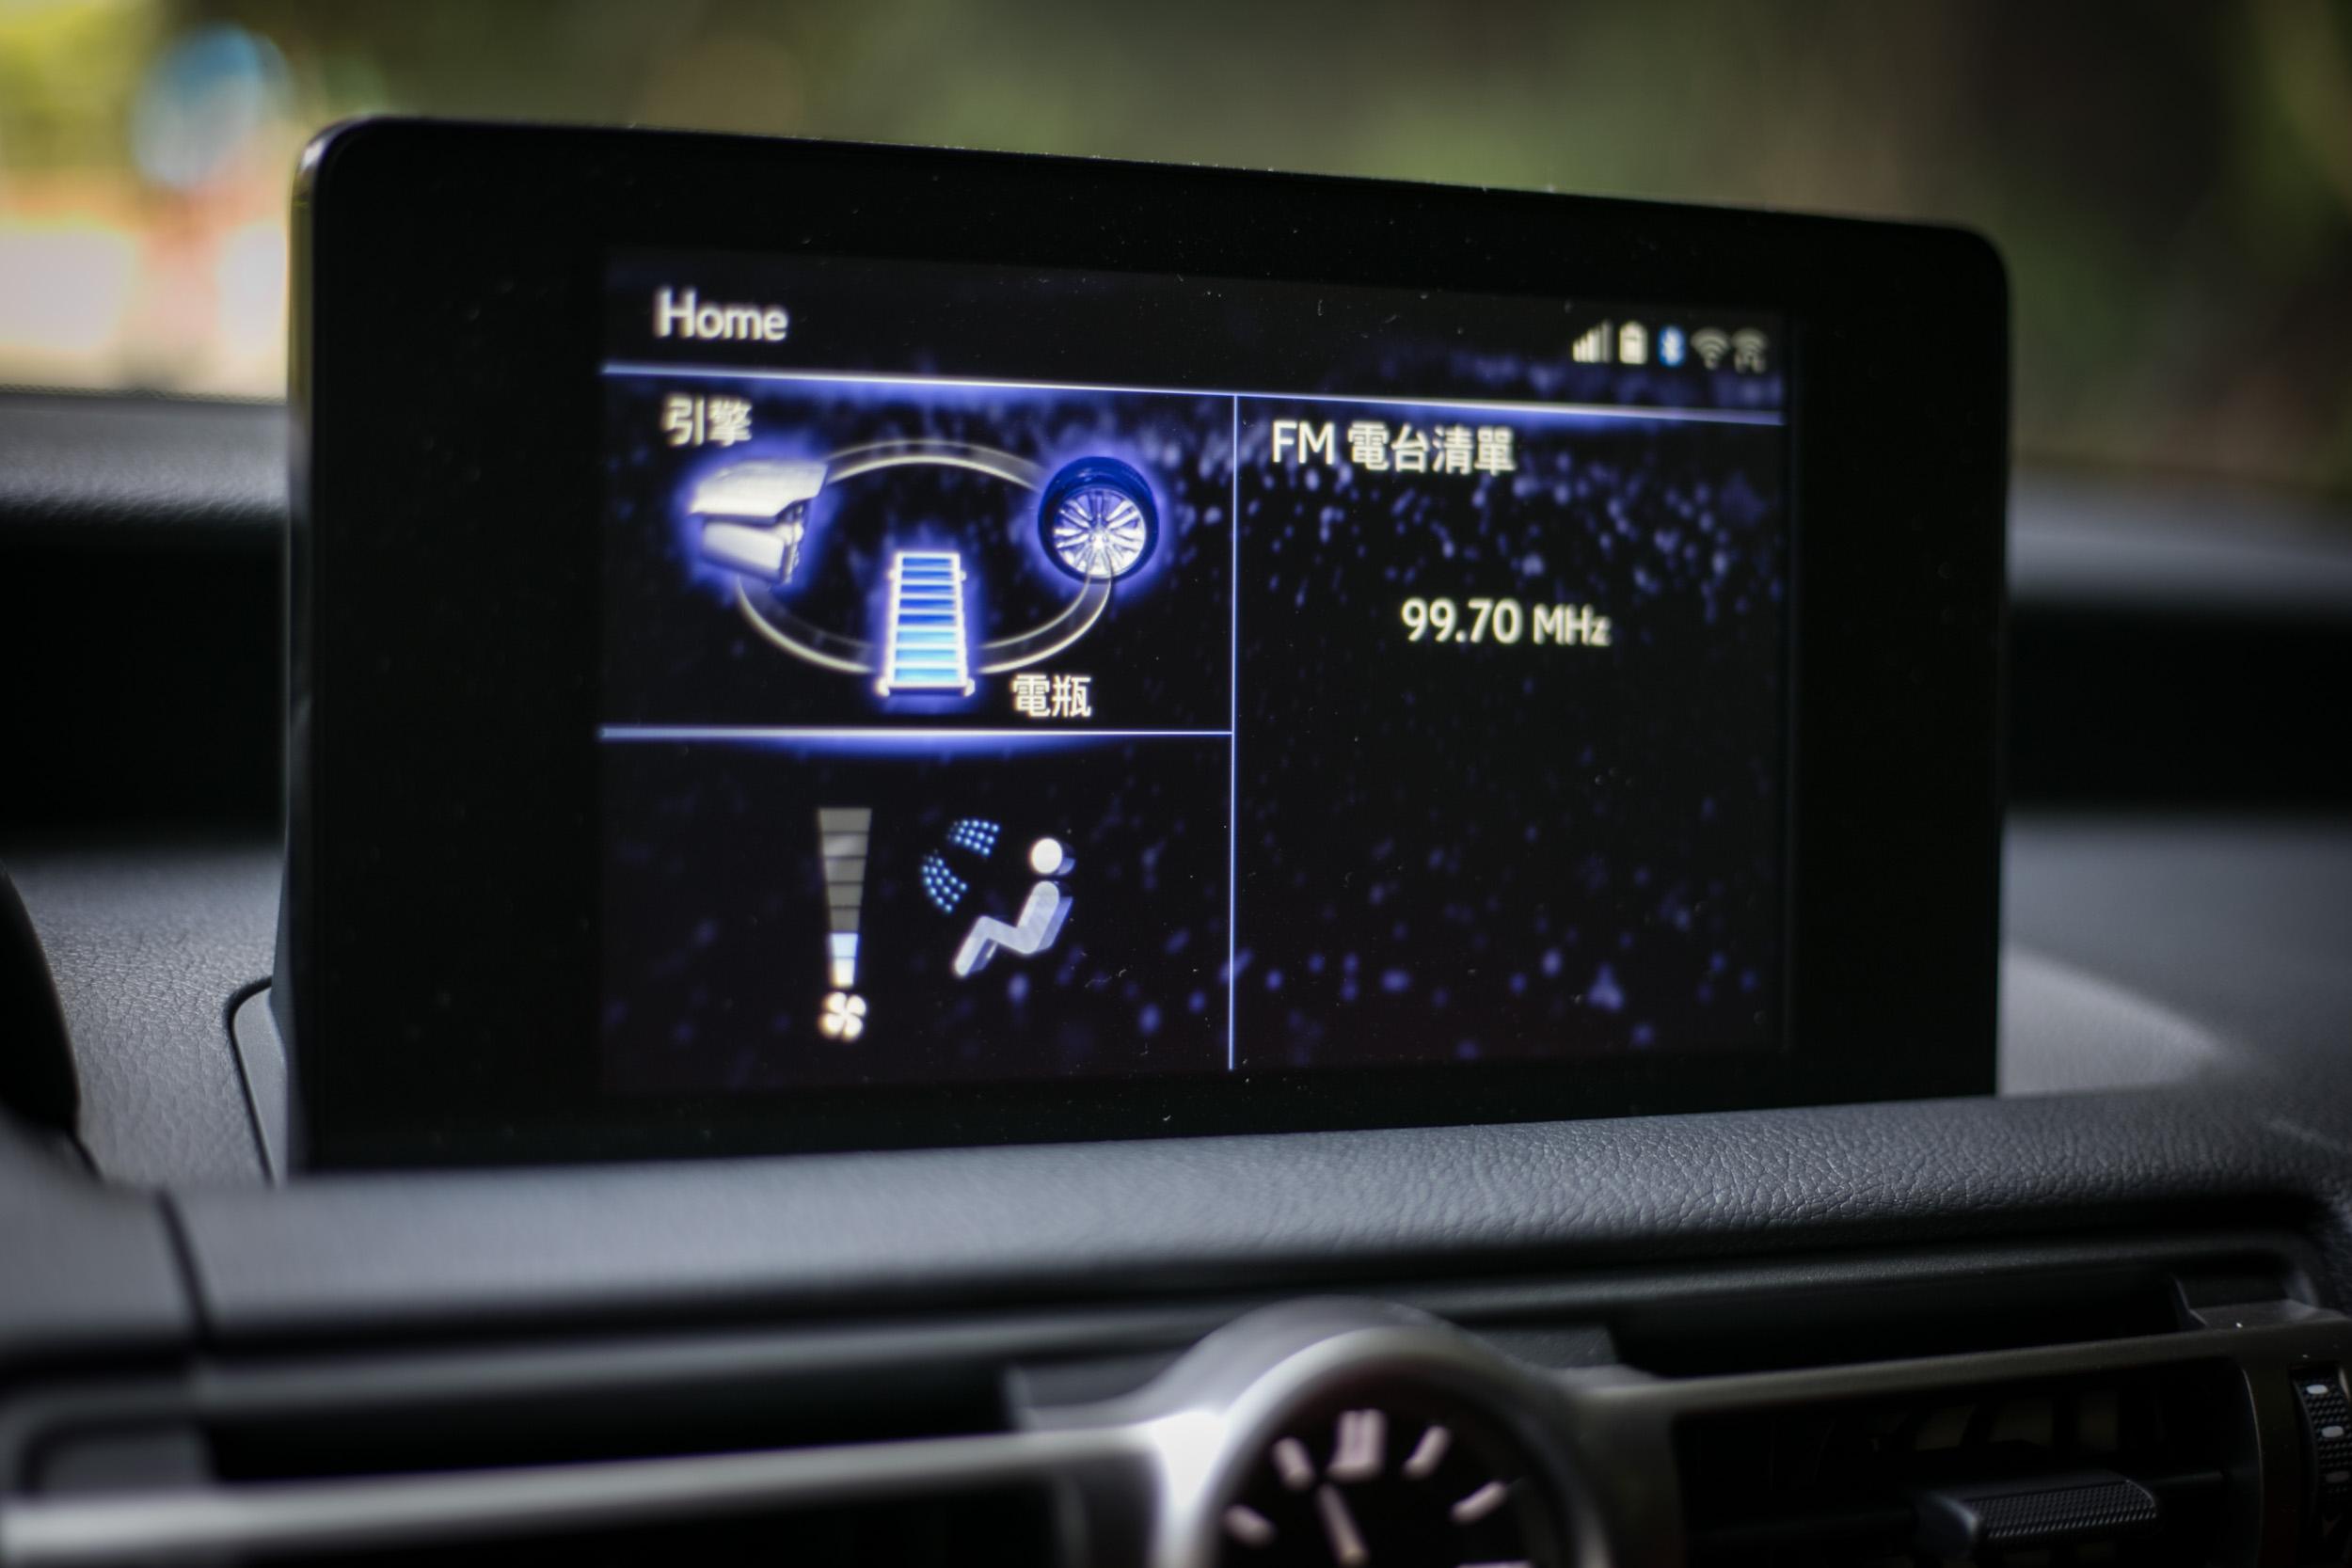 資訊整合介面改為8吋螢幕規格搭配觸控式設計。